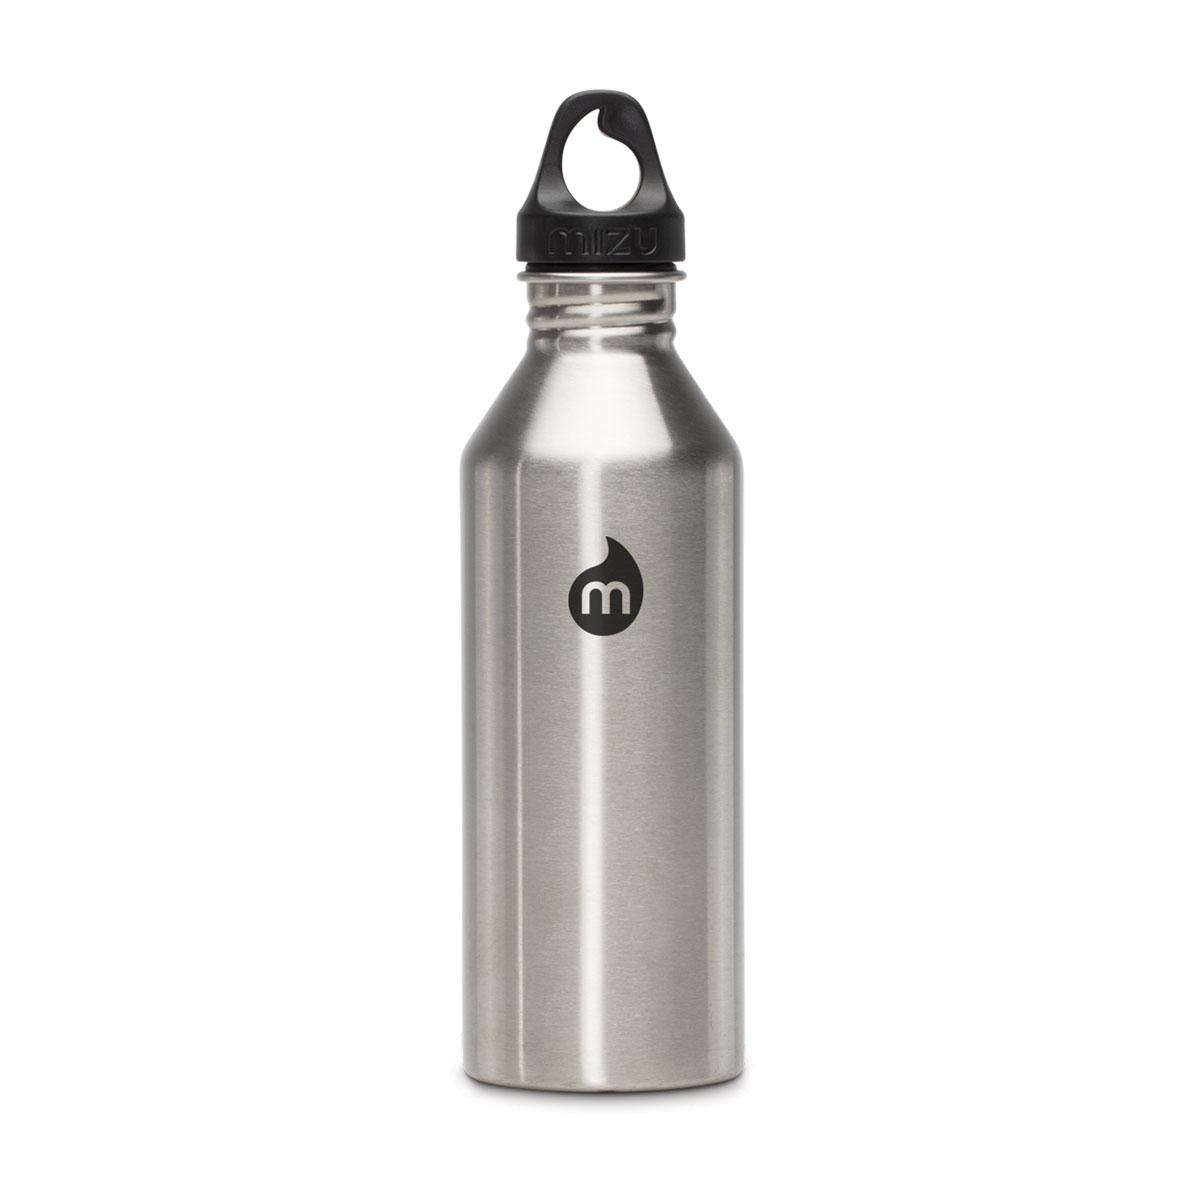 Trinkflasche M8 Steel aus Edelstahl 800 ML von Mizu